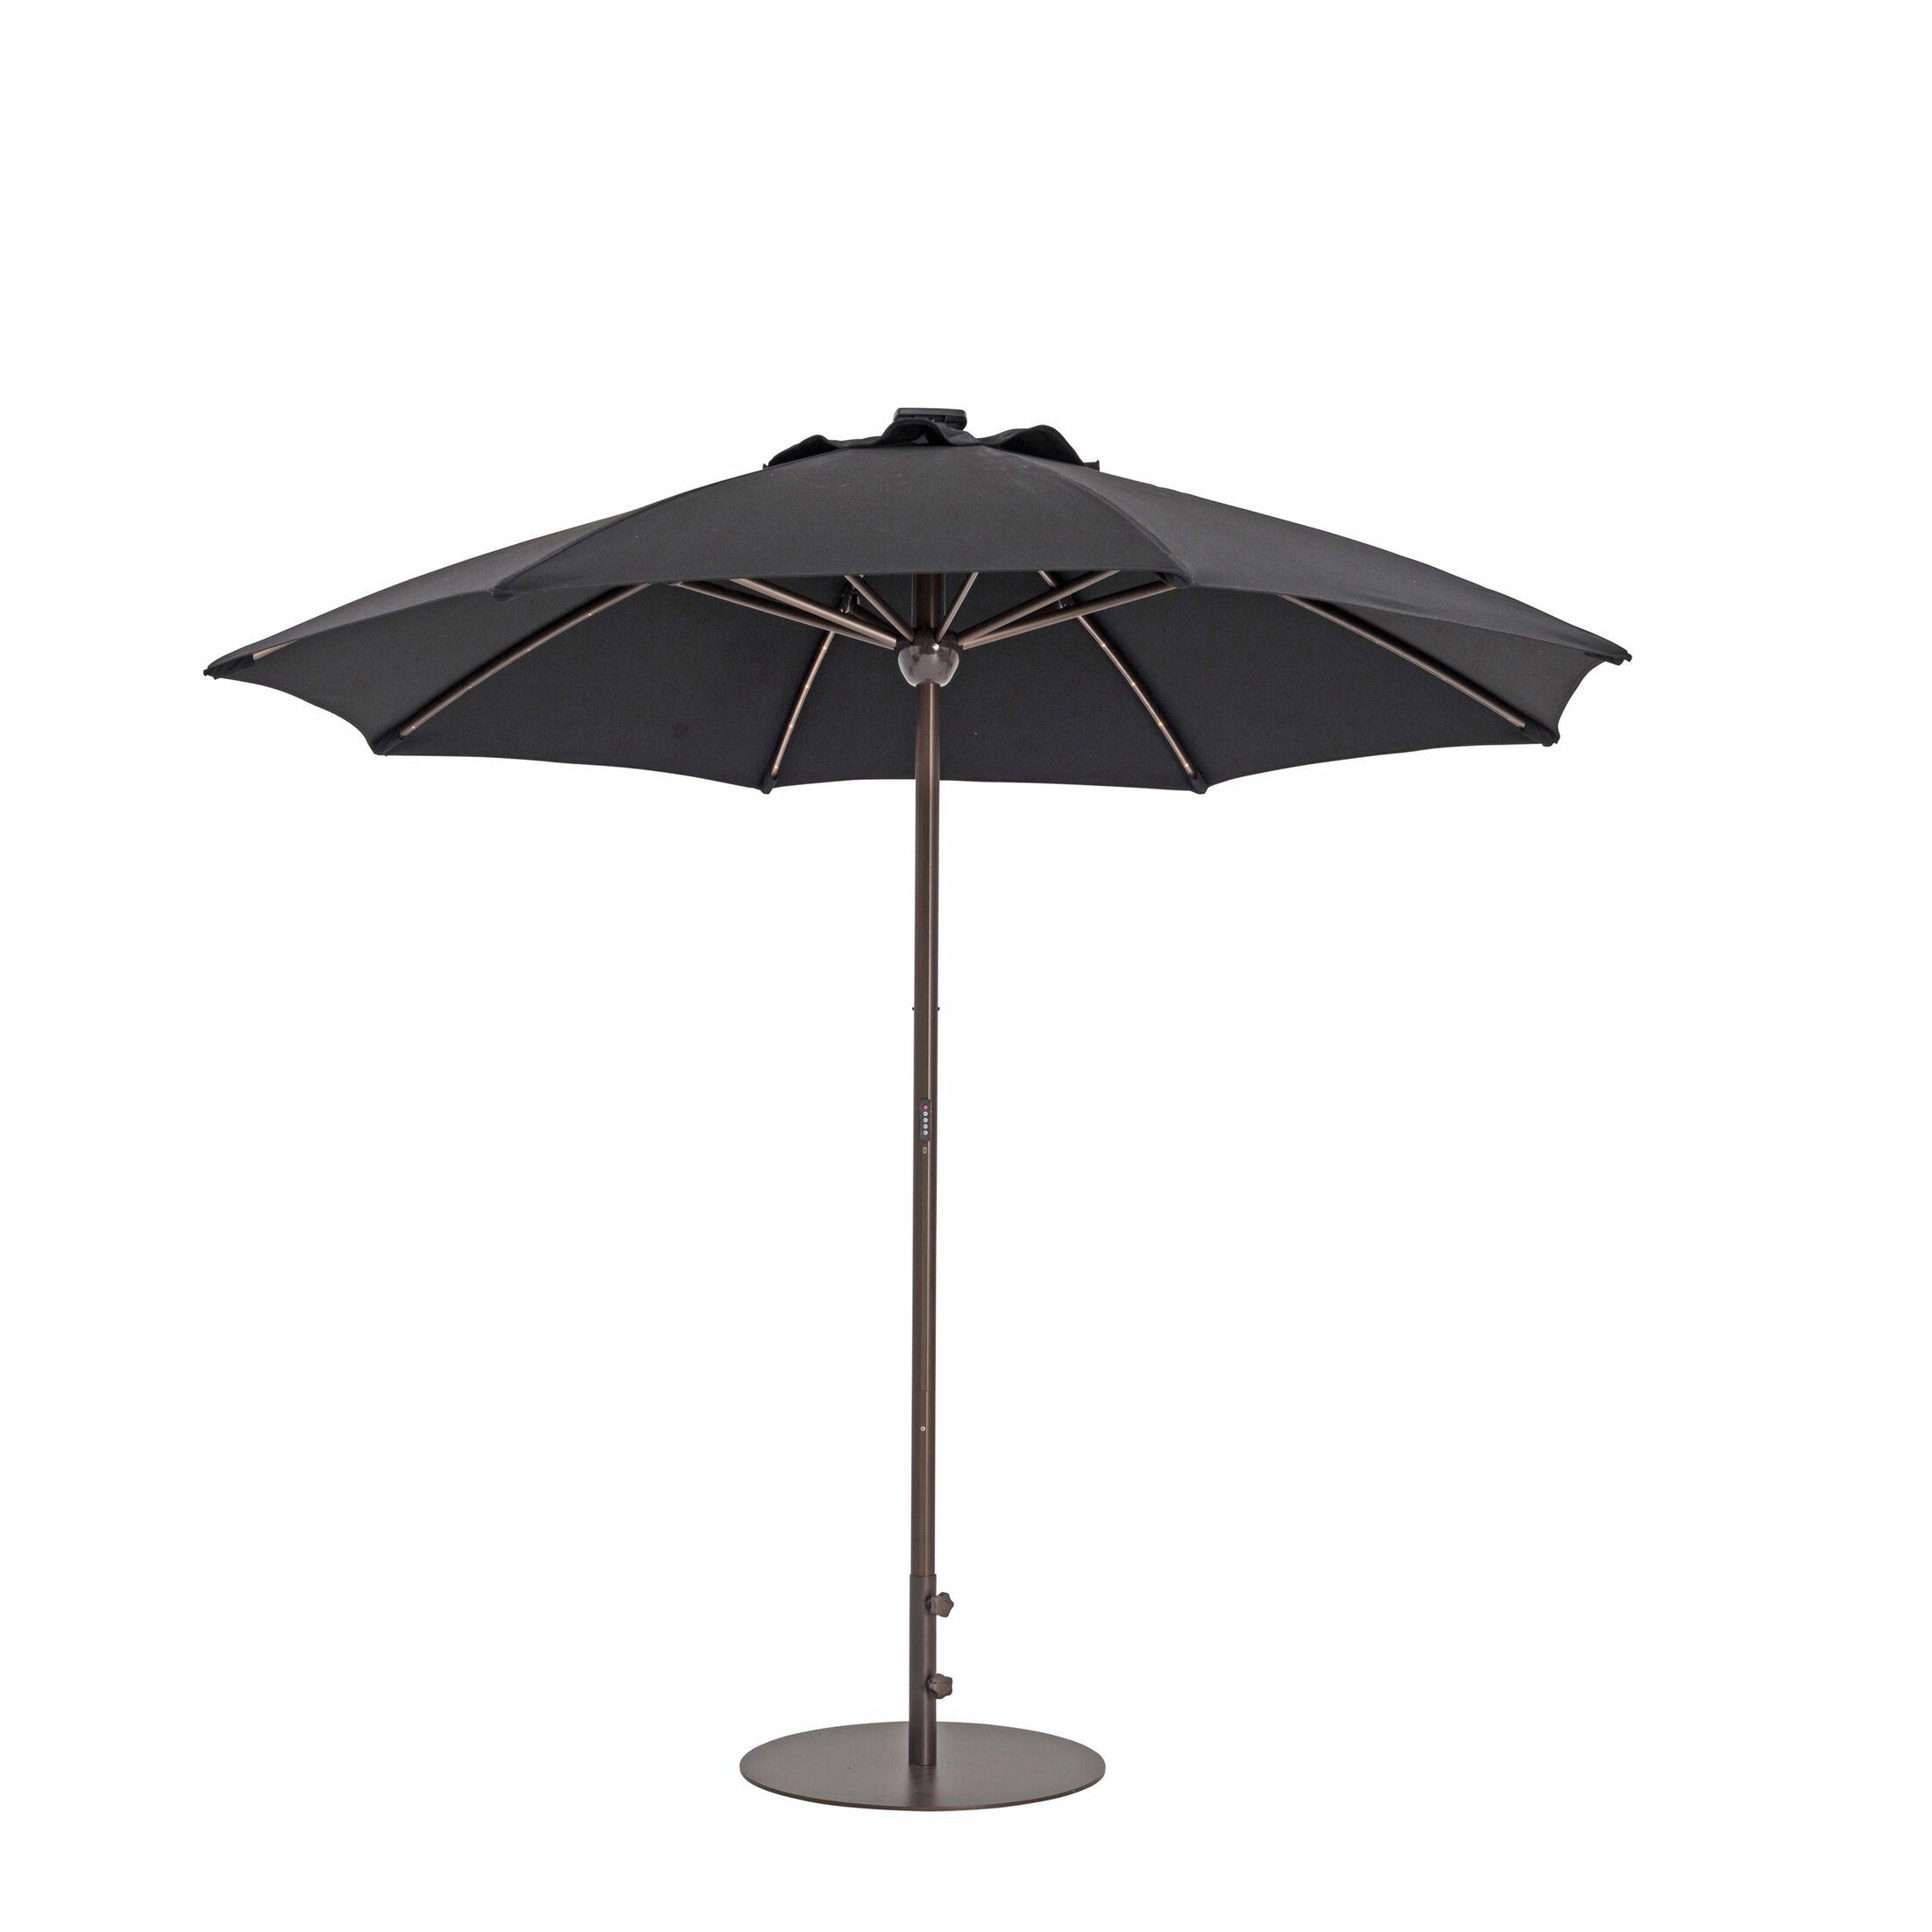 9' Market Umbrella Fabric Color: Black